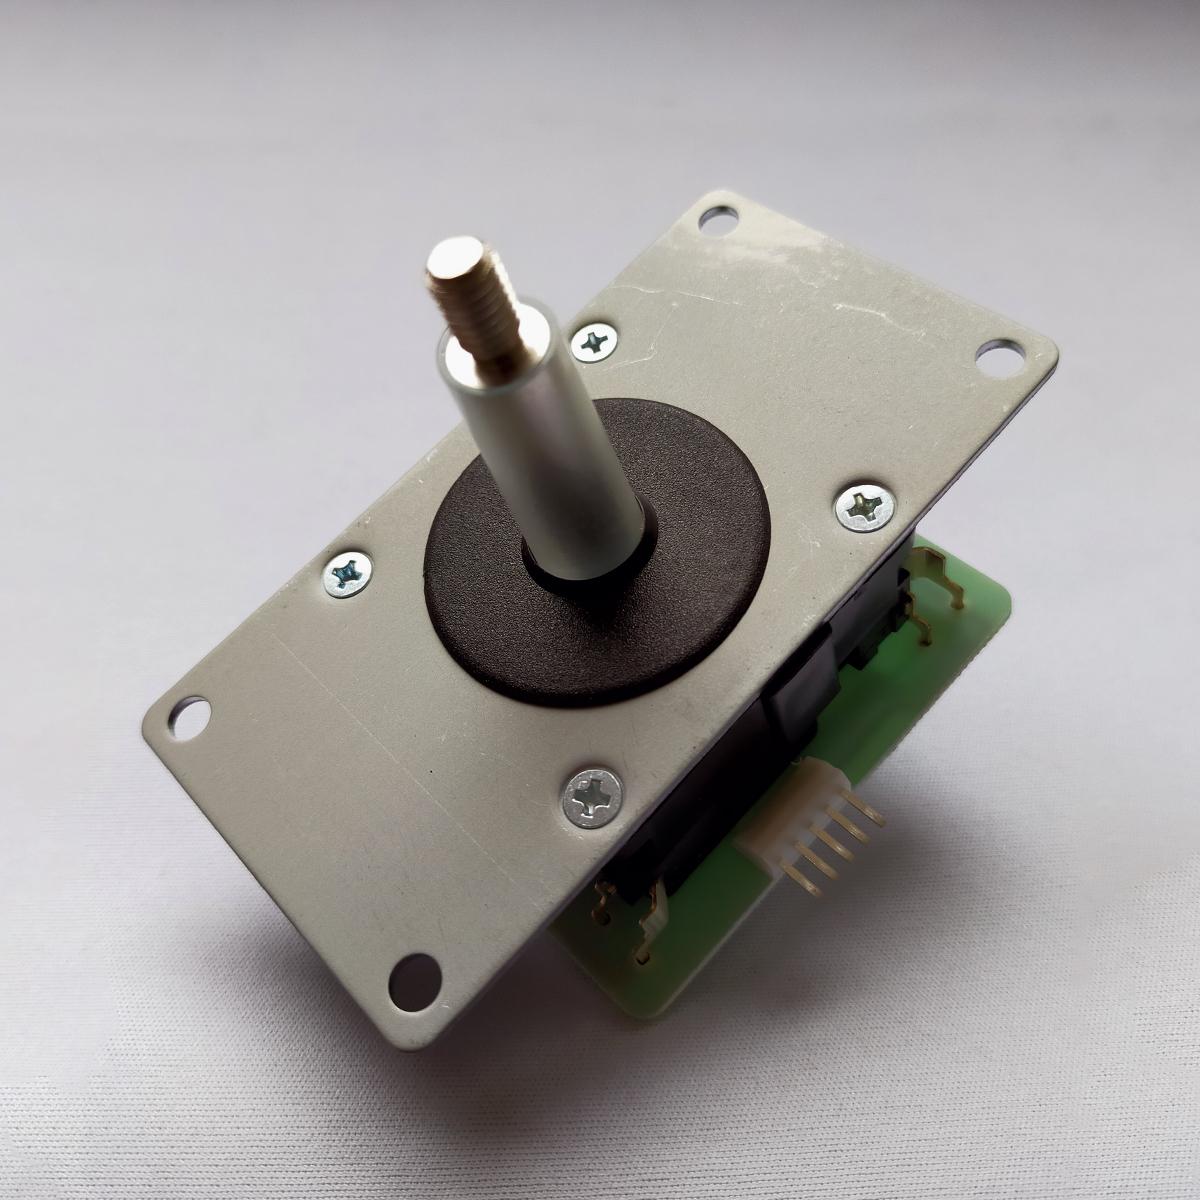 セイミツ工業の特殊スプリング採用レバー セイミツ工業 LSH-56-01 変則バネ仕様ジョイスティック 入手困難 6 国内在庫 2受注開始6 4以降入荷次第発送予定